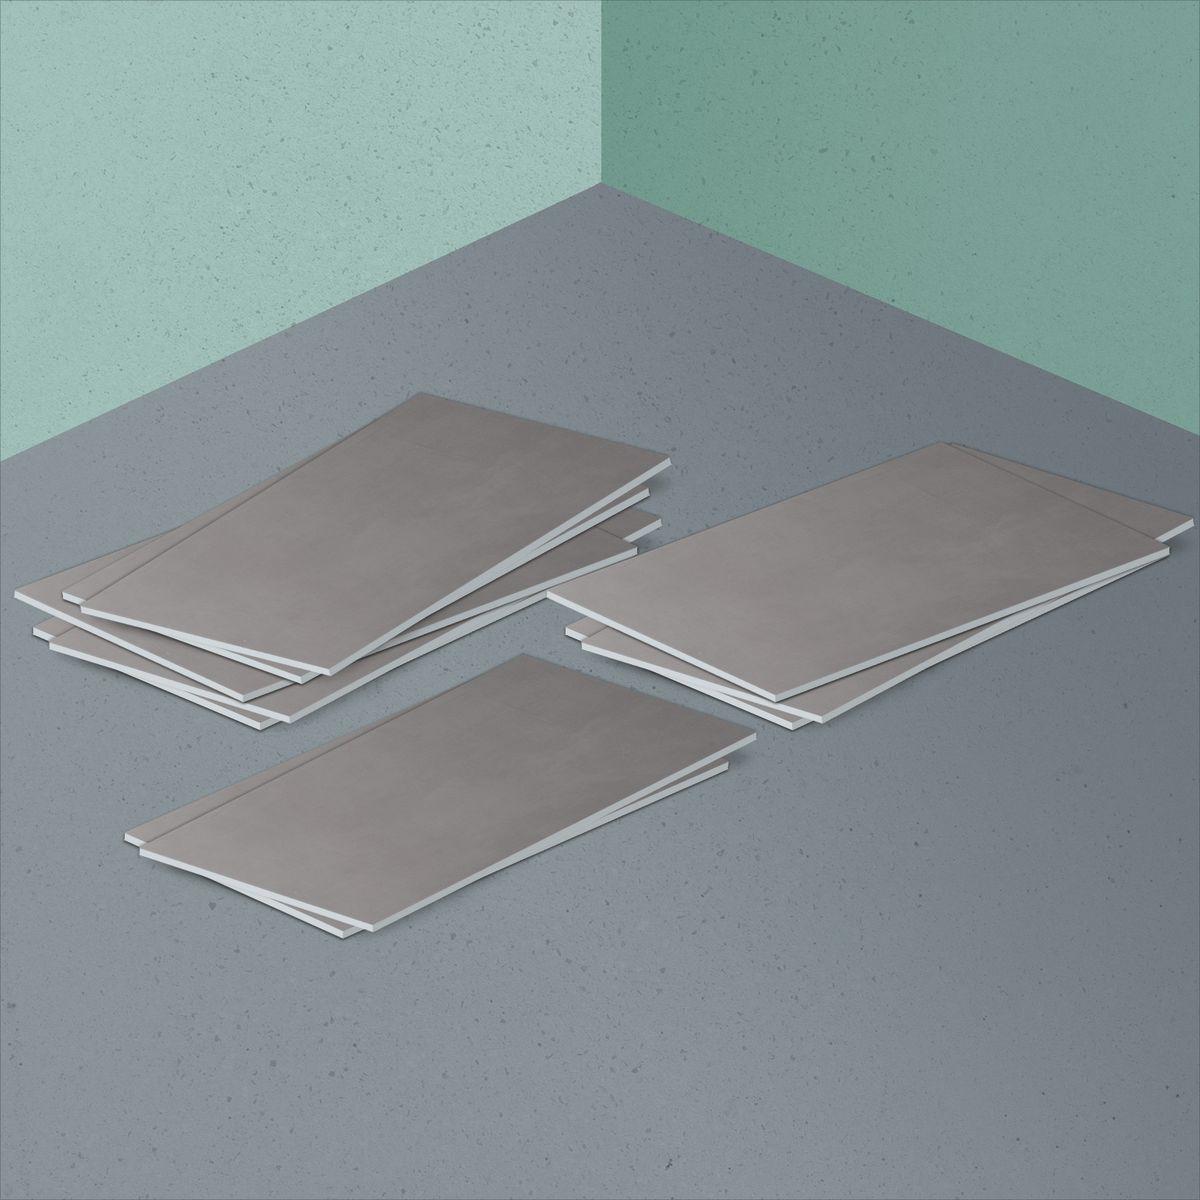 Come posare le piastrelle da rivestimento guide e tutorial leroymerlin - Posa piastrelle su piastrelle ...